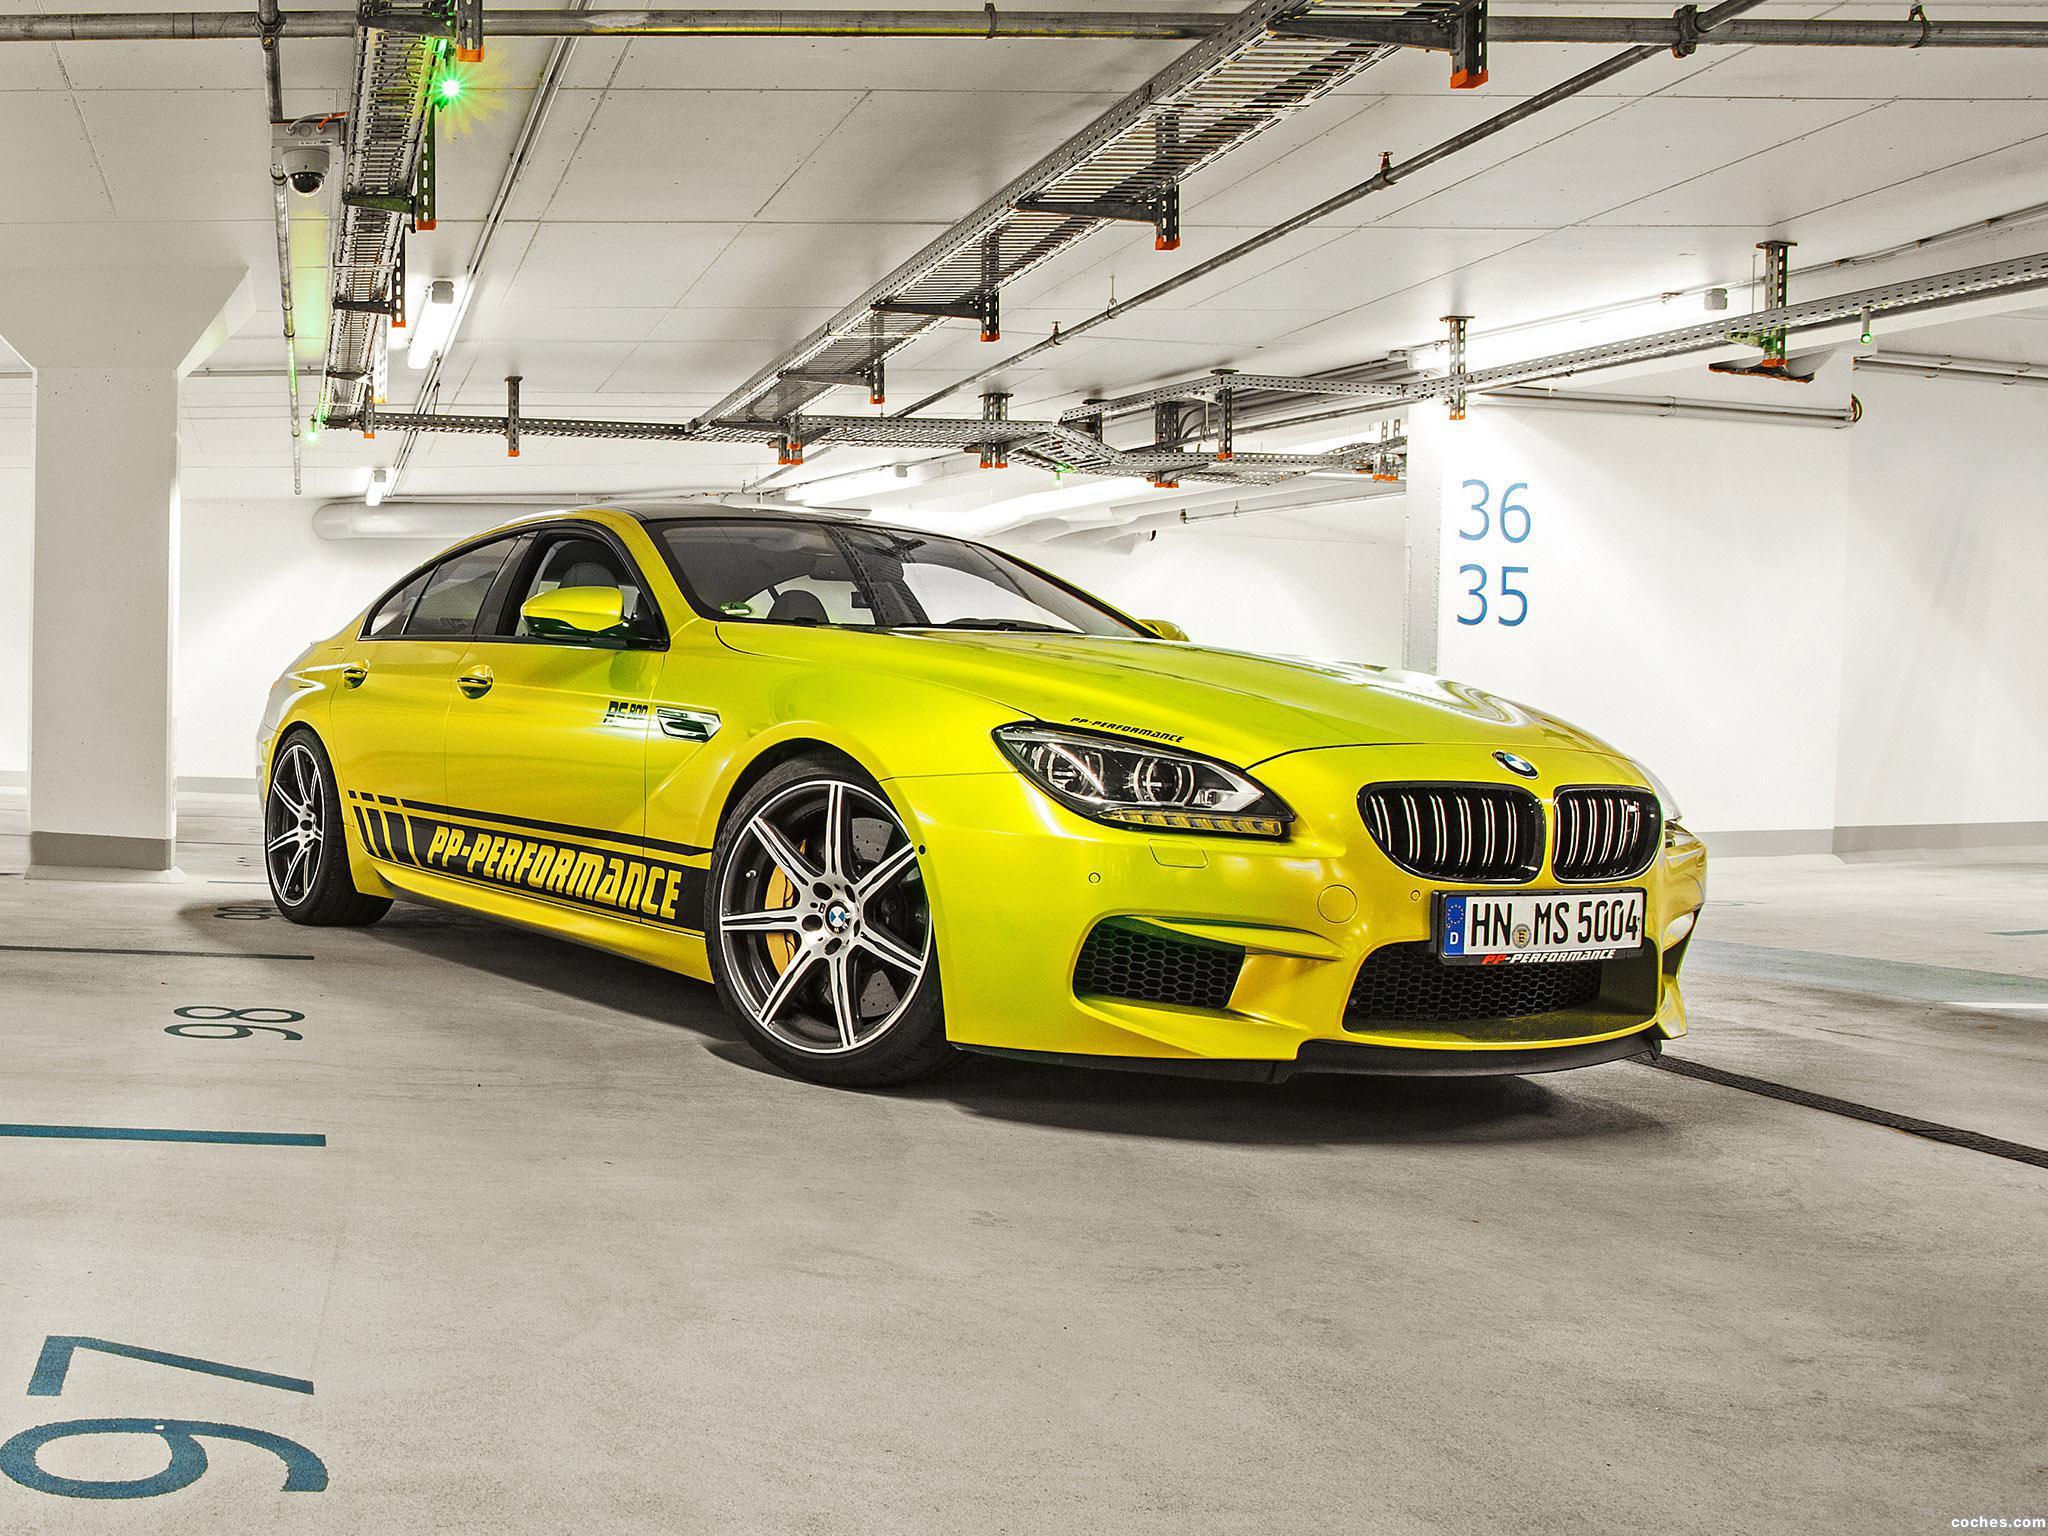 Foto 1 de BMW PP-Performance F06 M6 RS800 Gran Coupe 2014